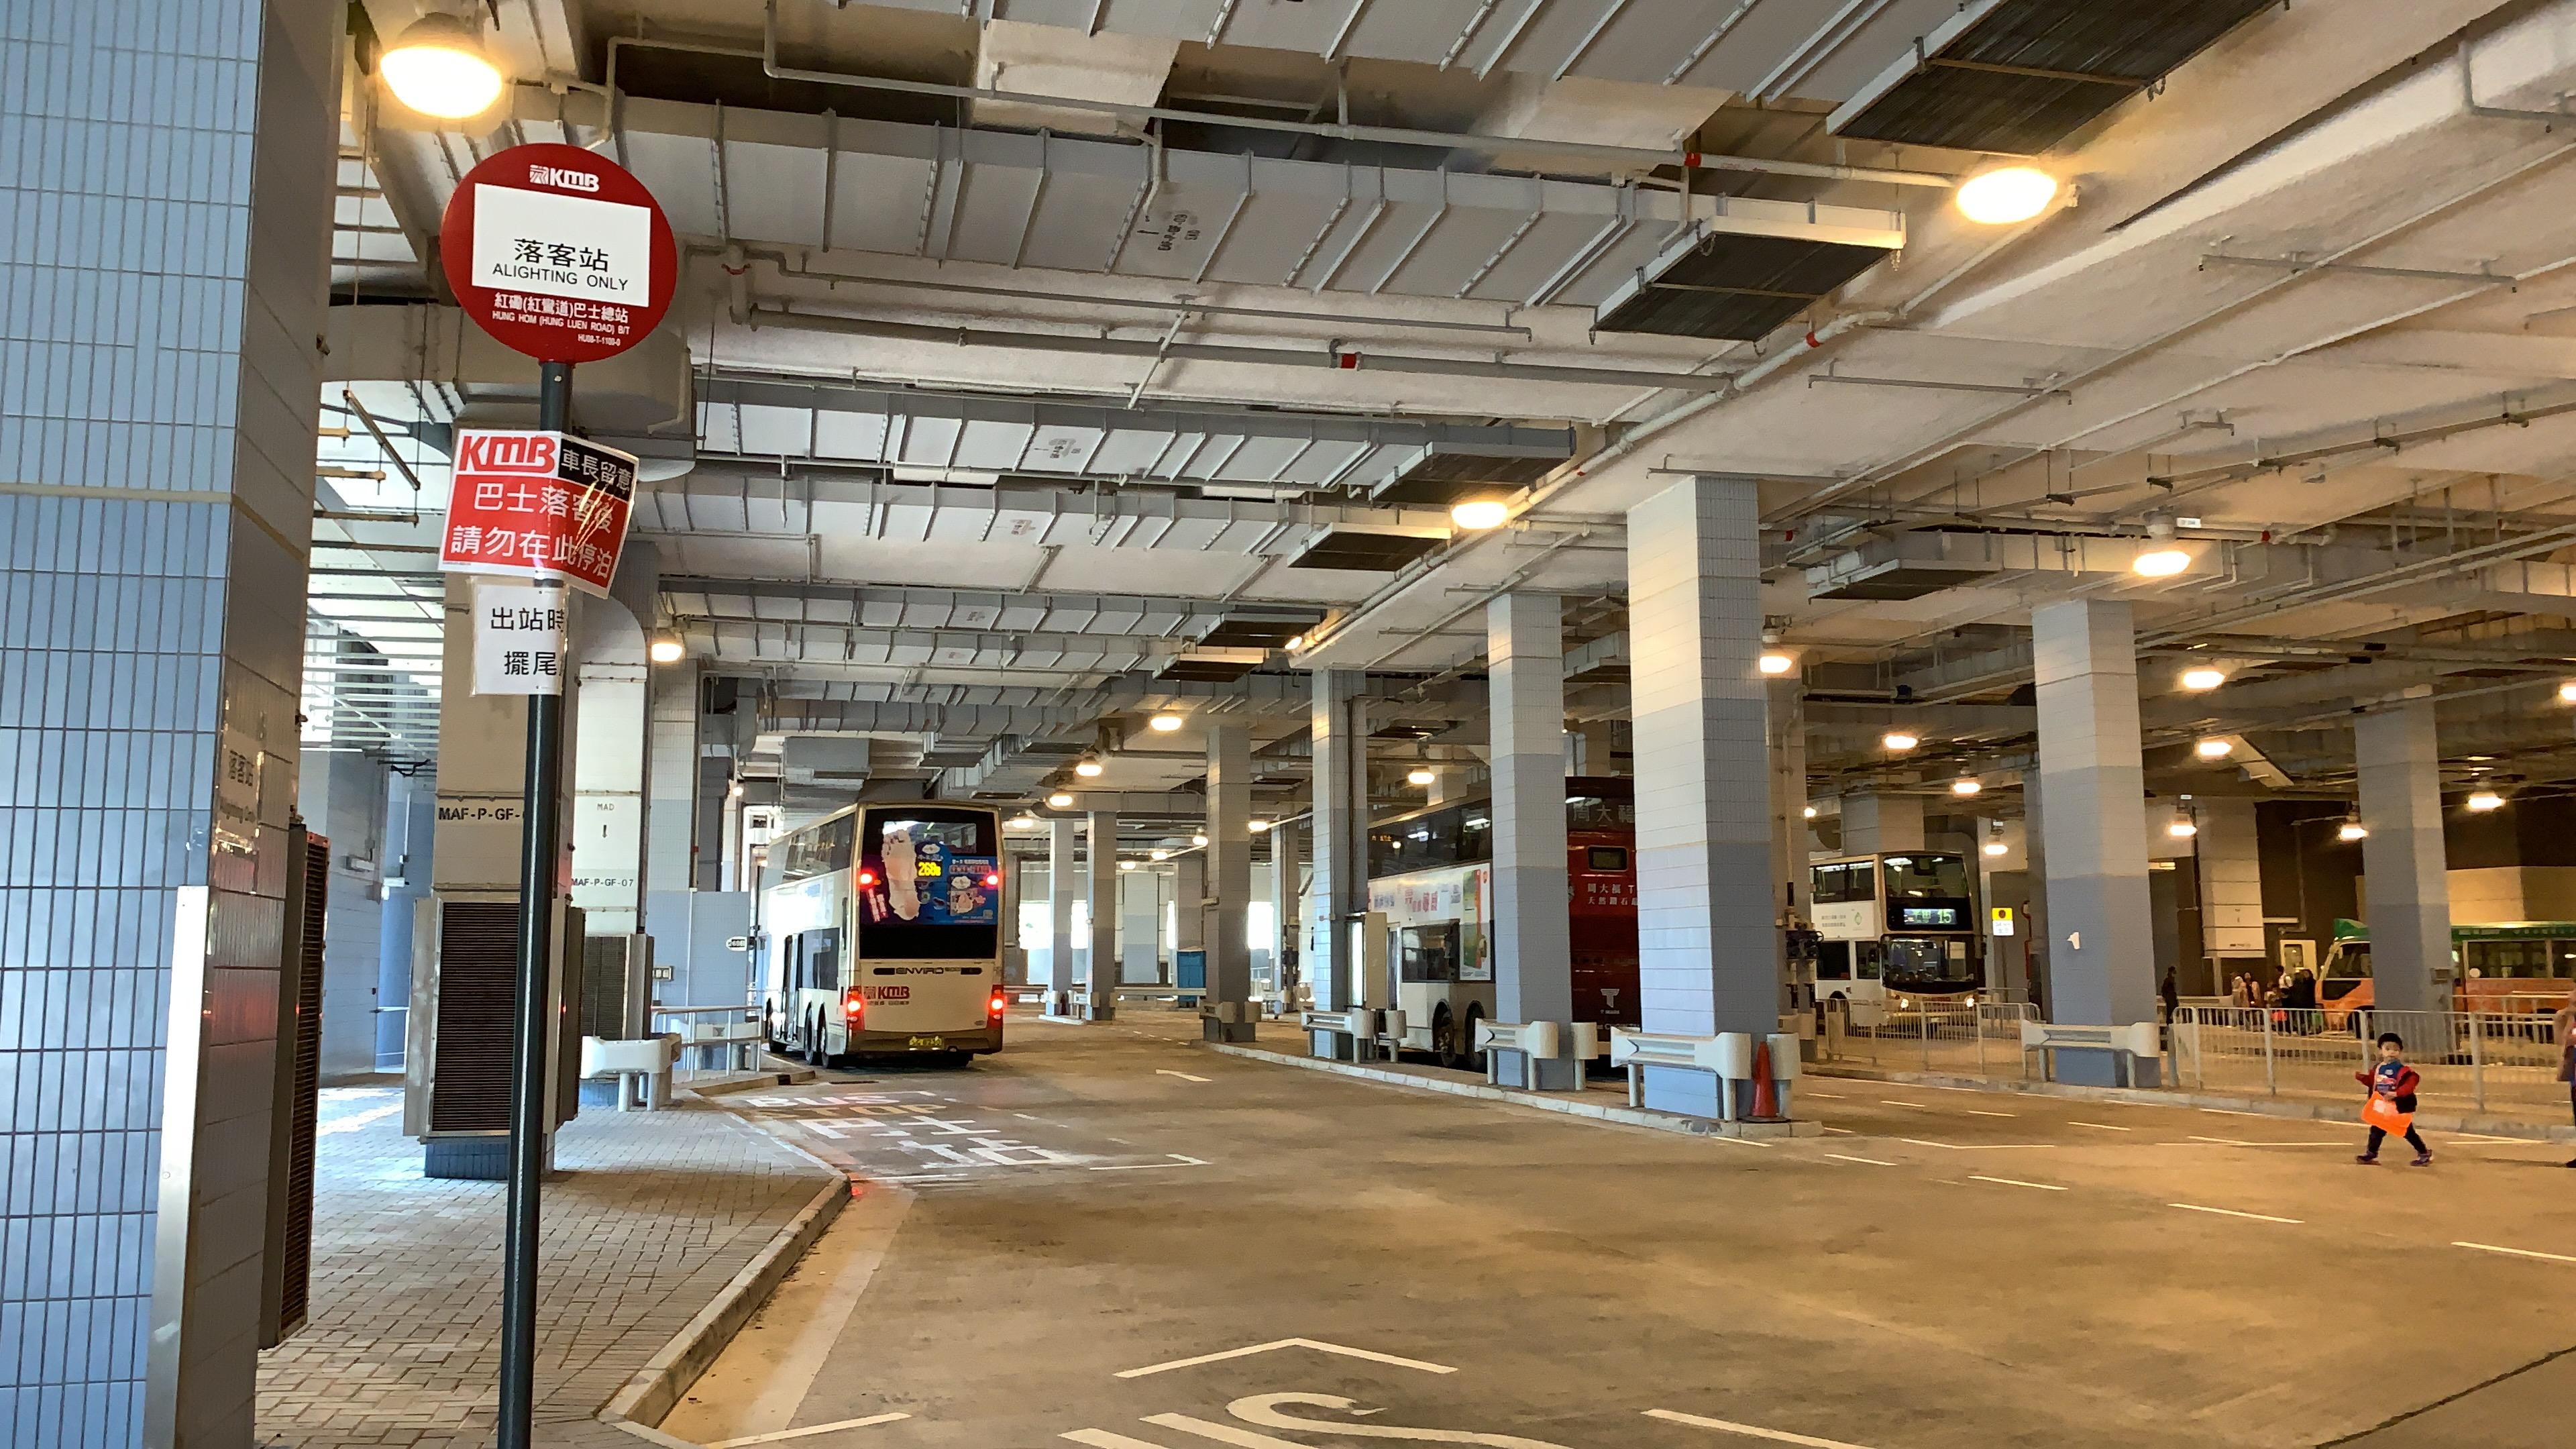 紅磡 (紅鸞道) 公共運輸交匯處